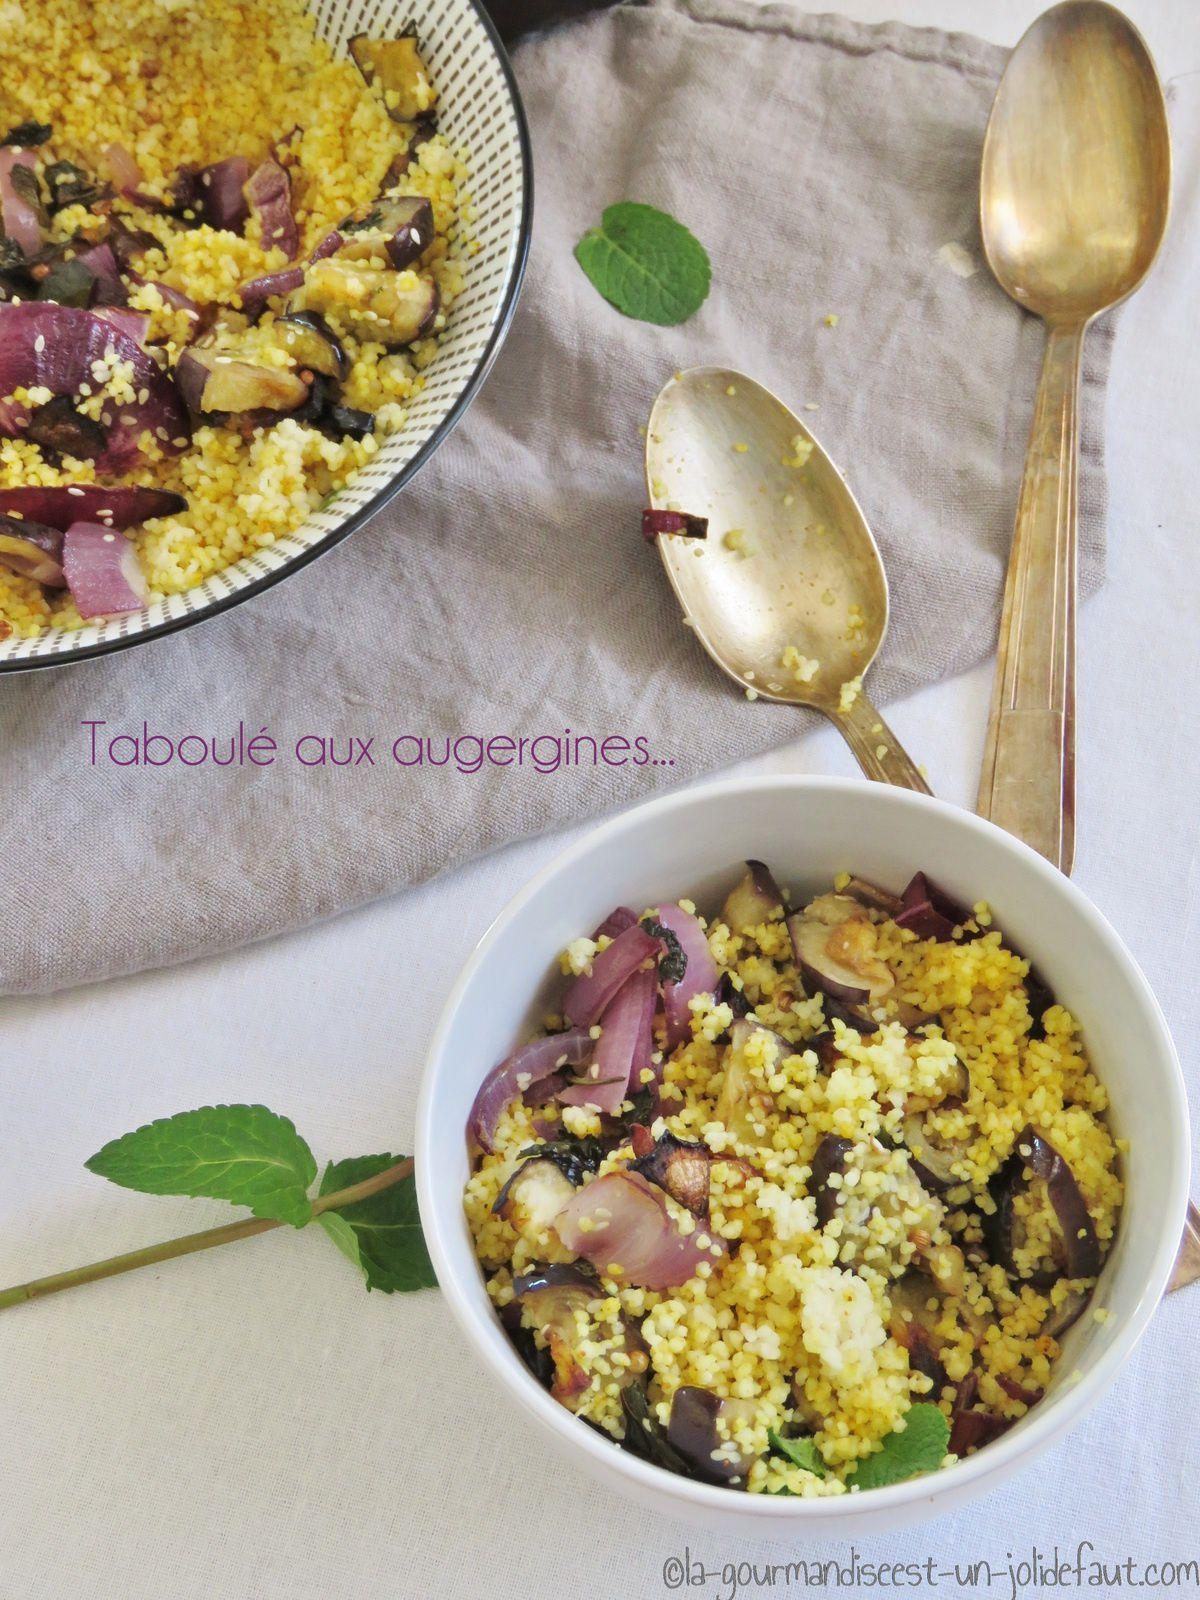 Taboulé aux aubergines, menthe et coriandre